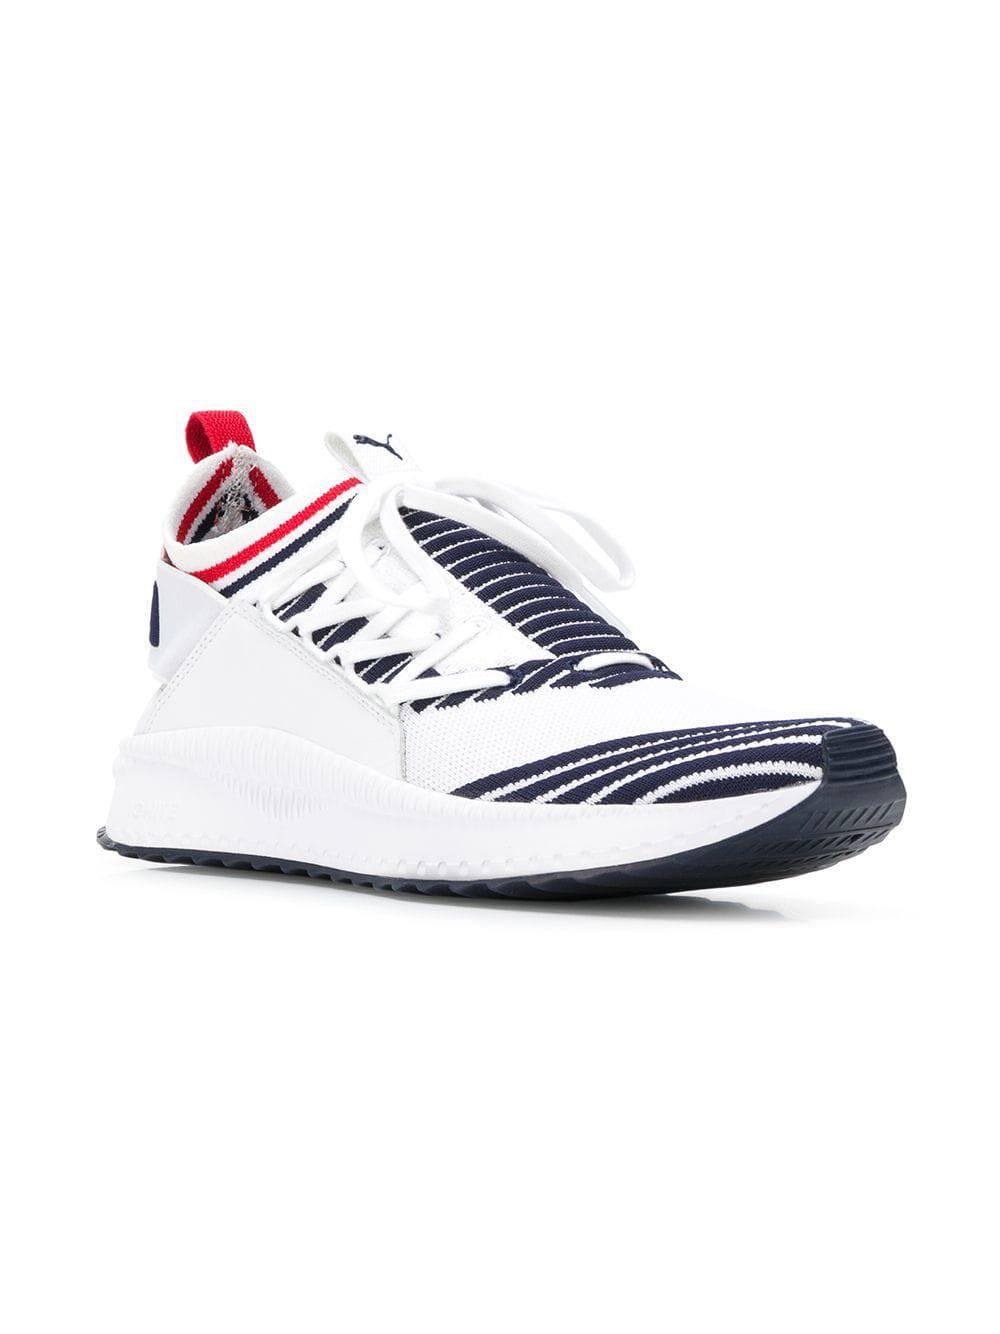 7f0e9bd54e9 Puma Tsugi Jun Knit Sneakers in White for Men - Lyst